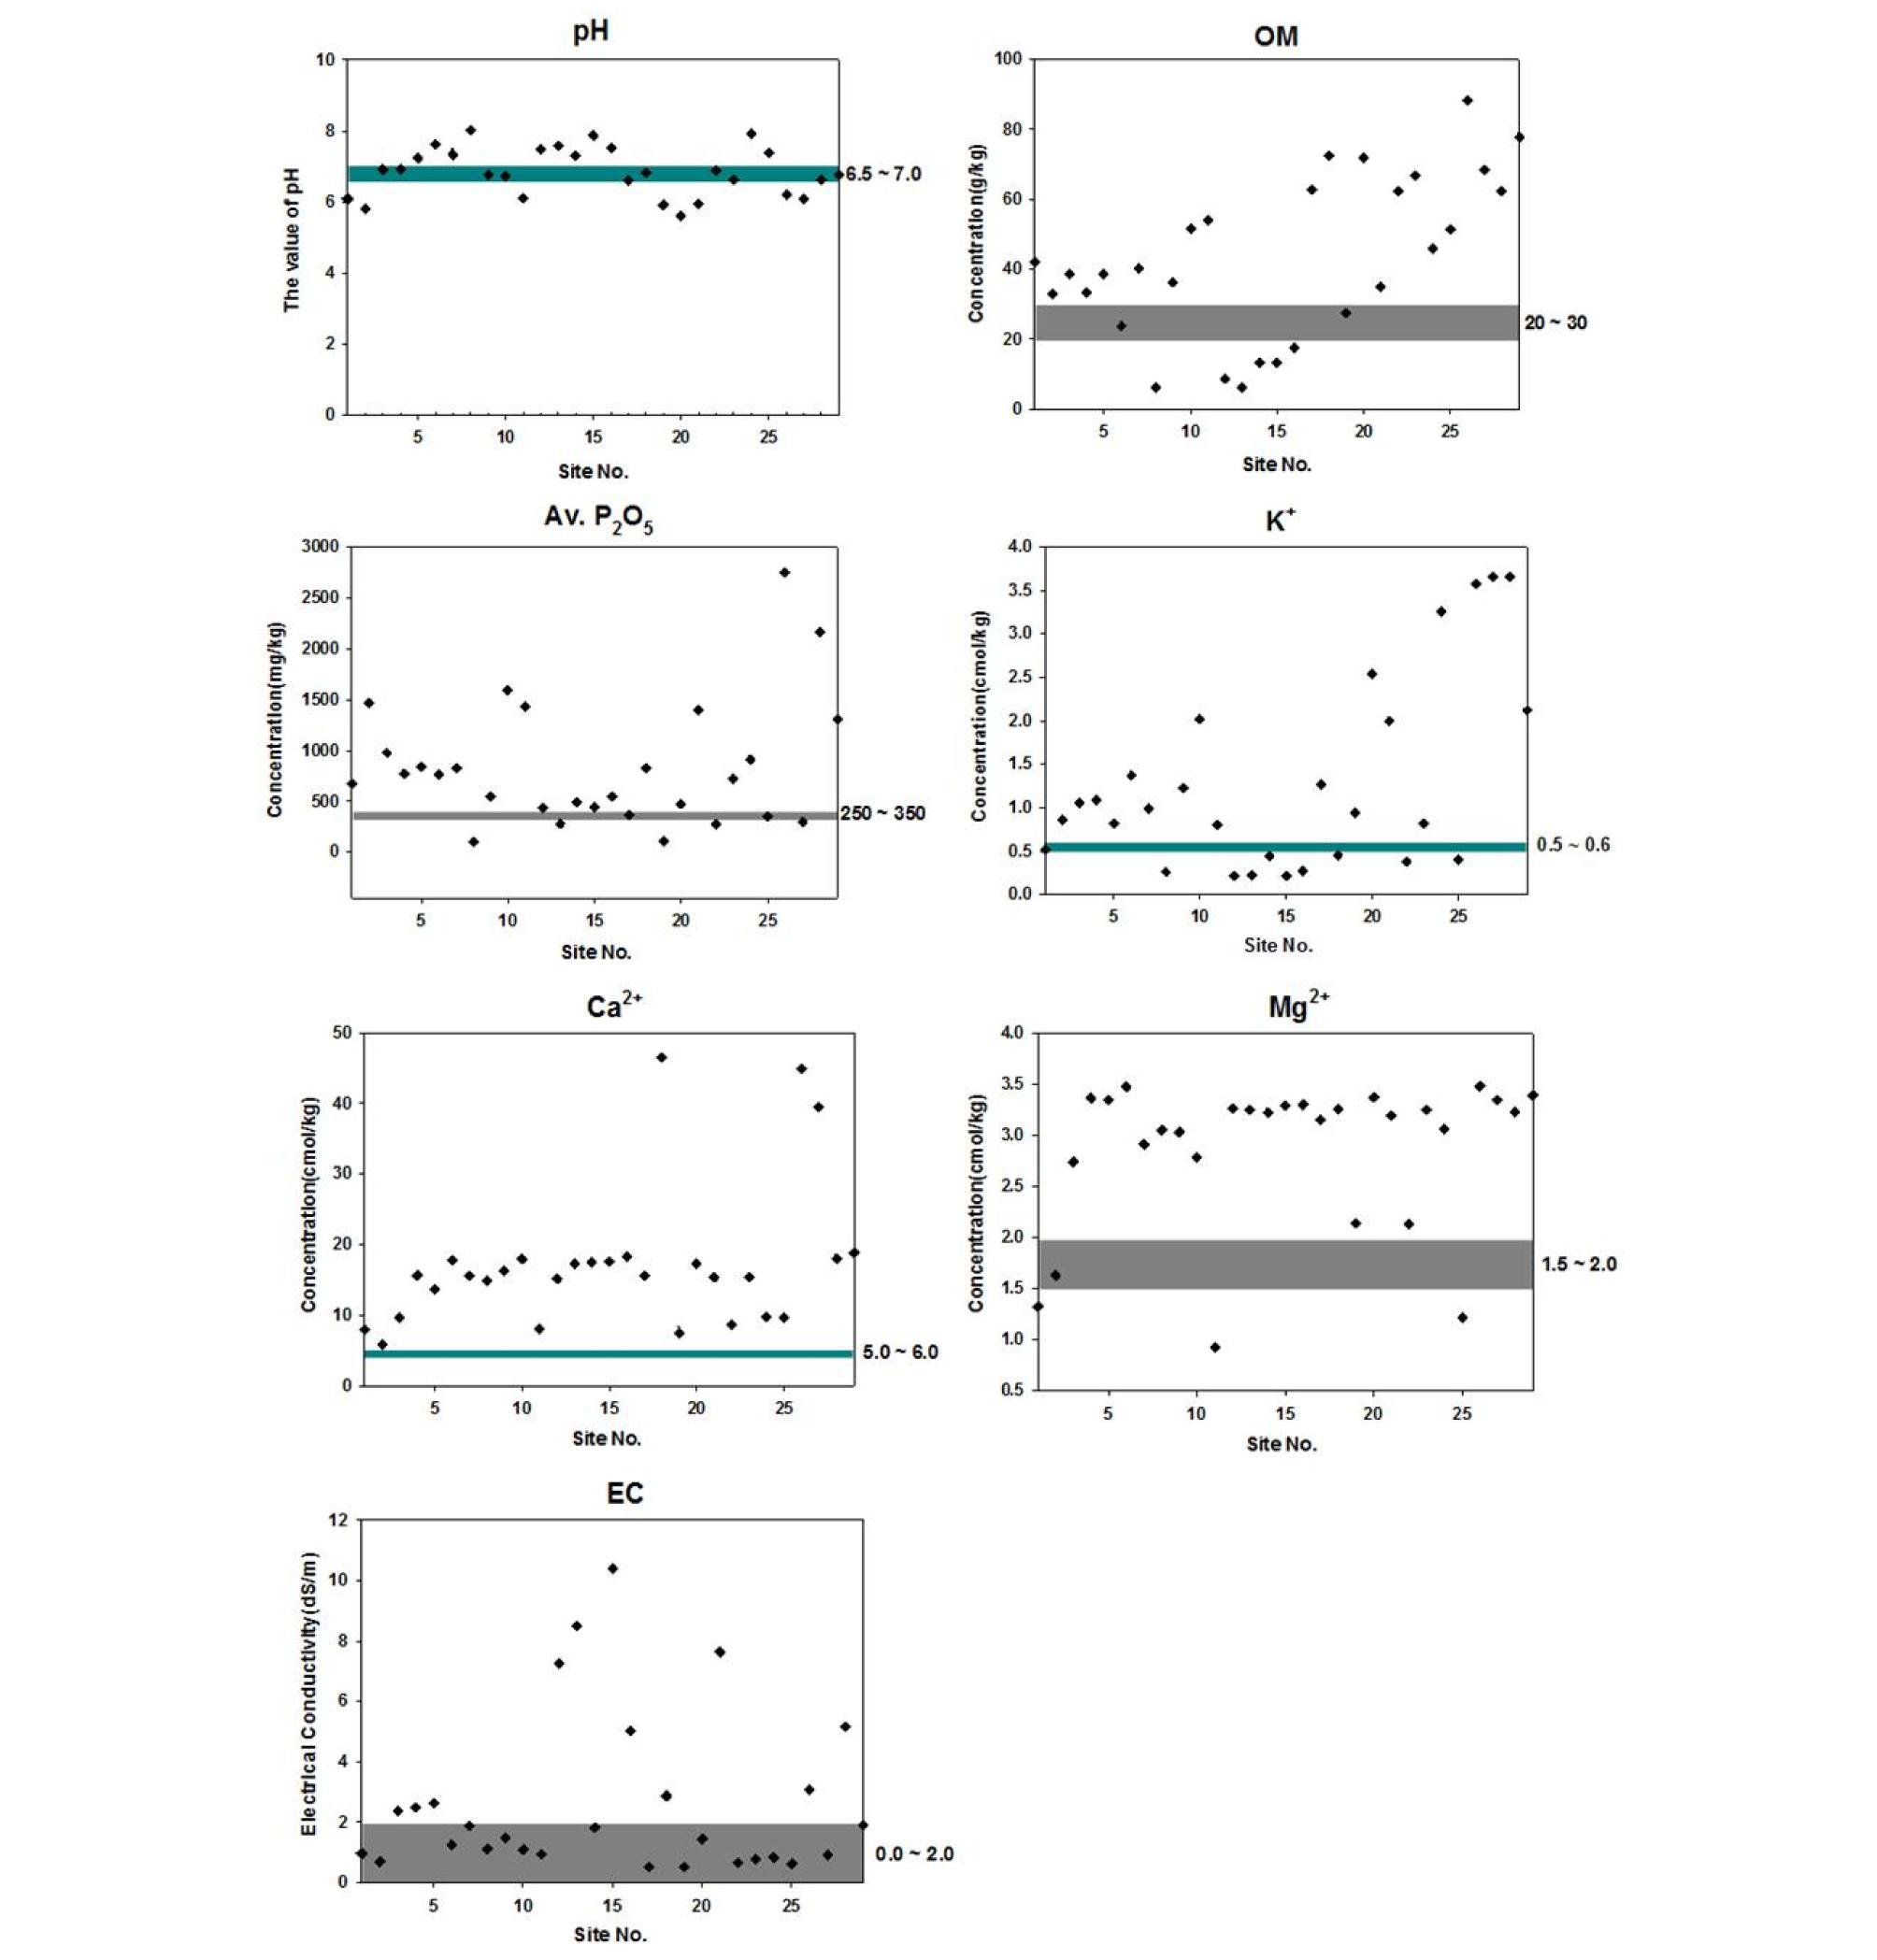 http://static.apub.kr/journalsite/sites/ksssf/2018-051-03/N0230510306/images/ksssf_51_03_06_F2.jpg